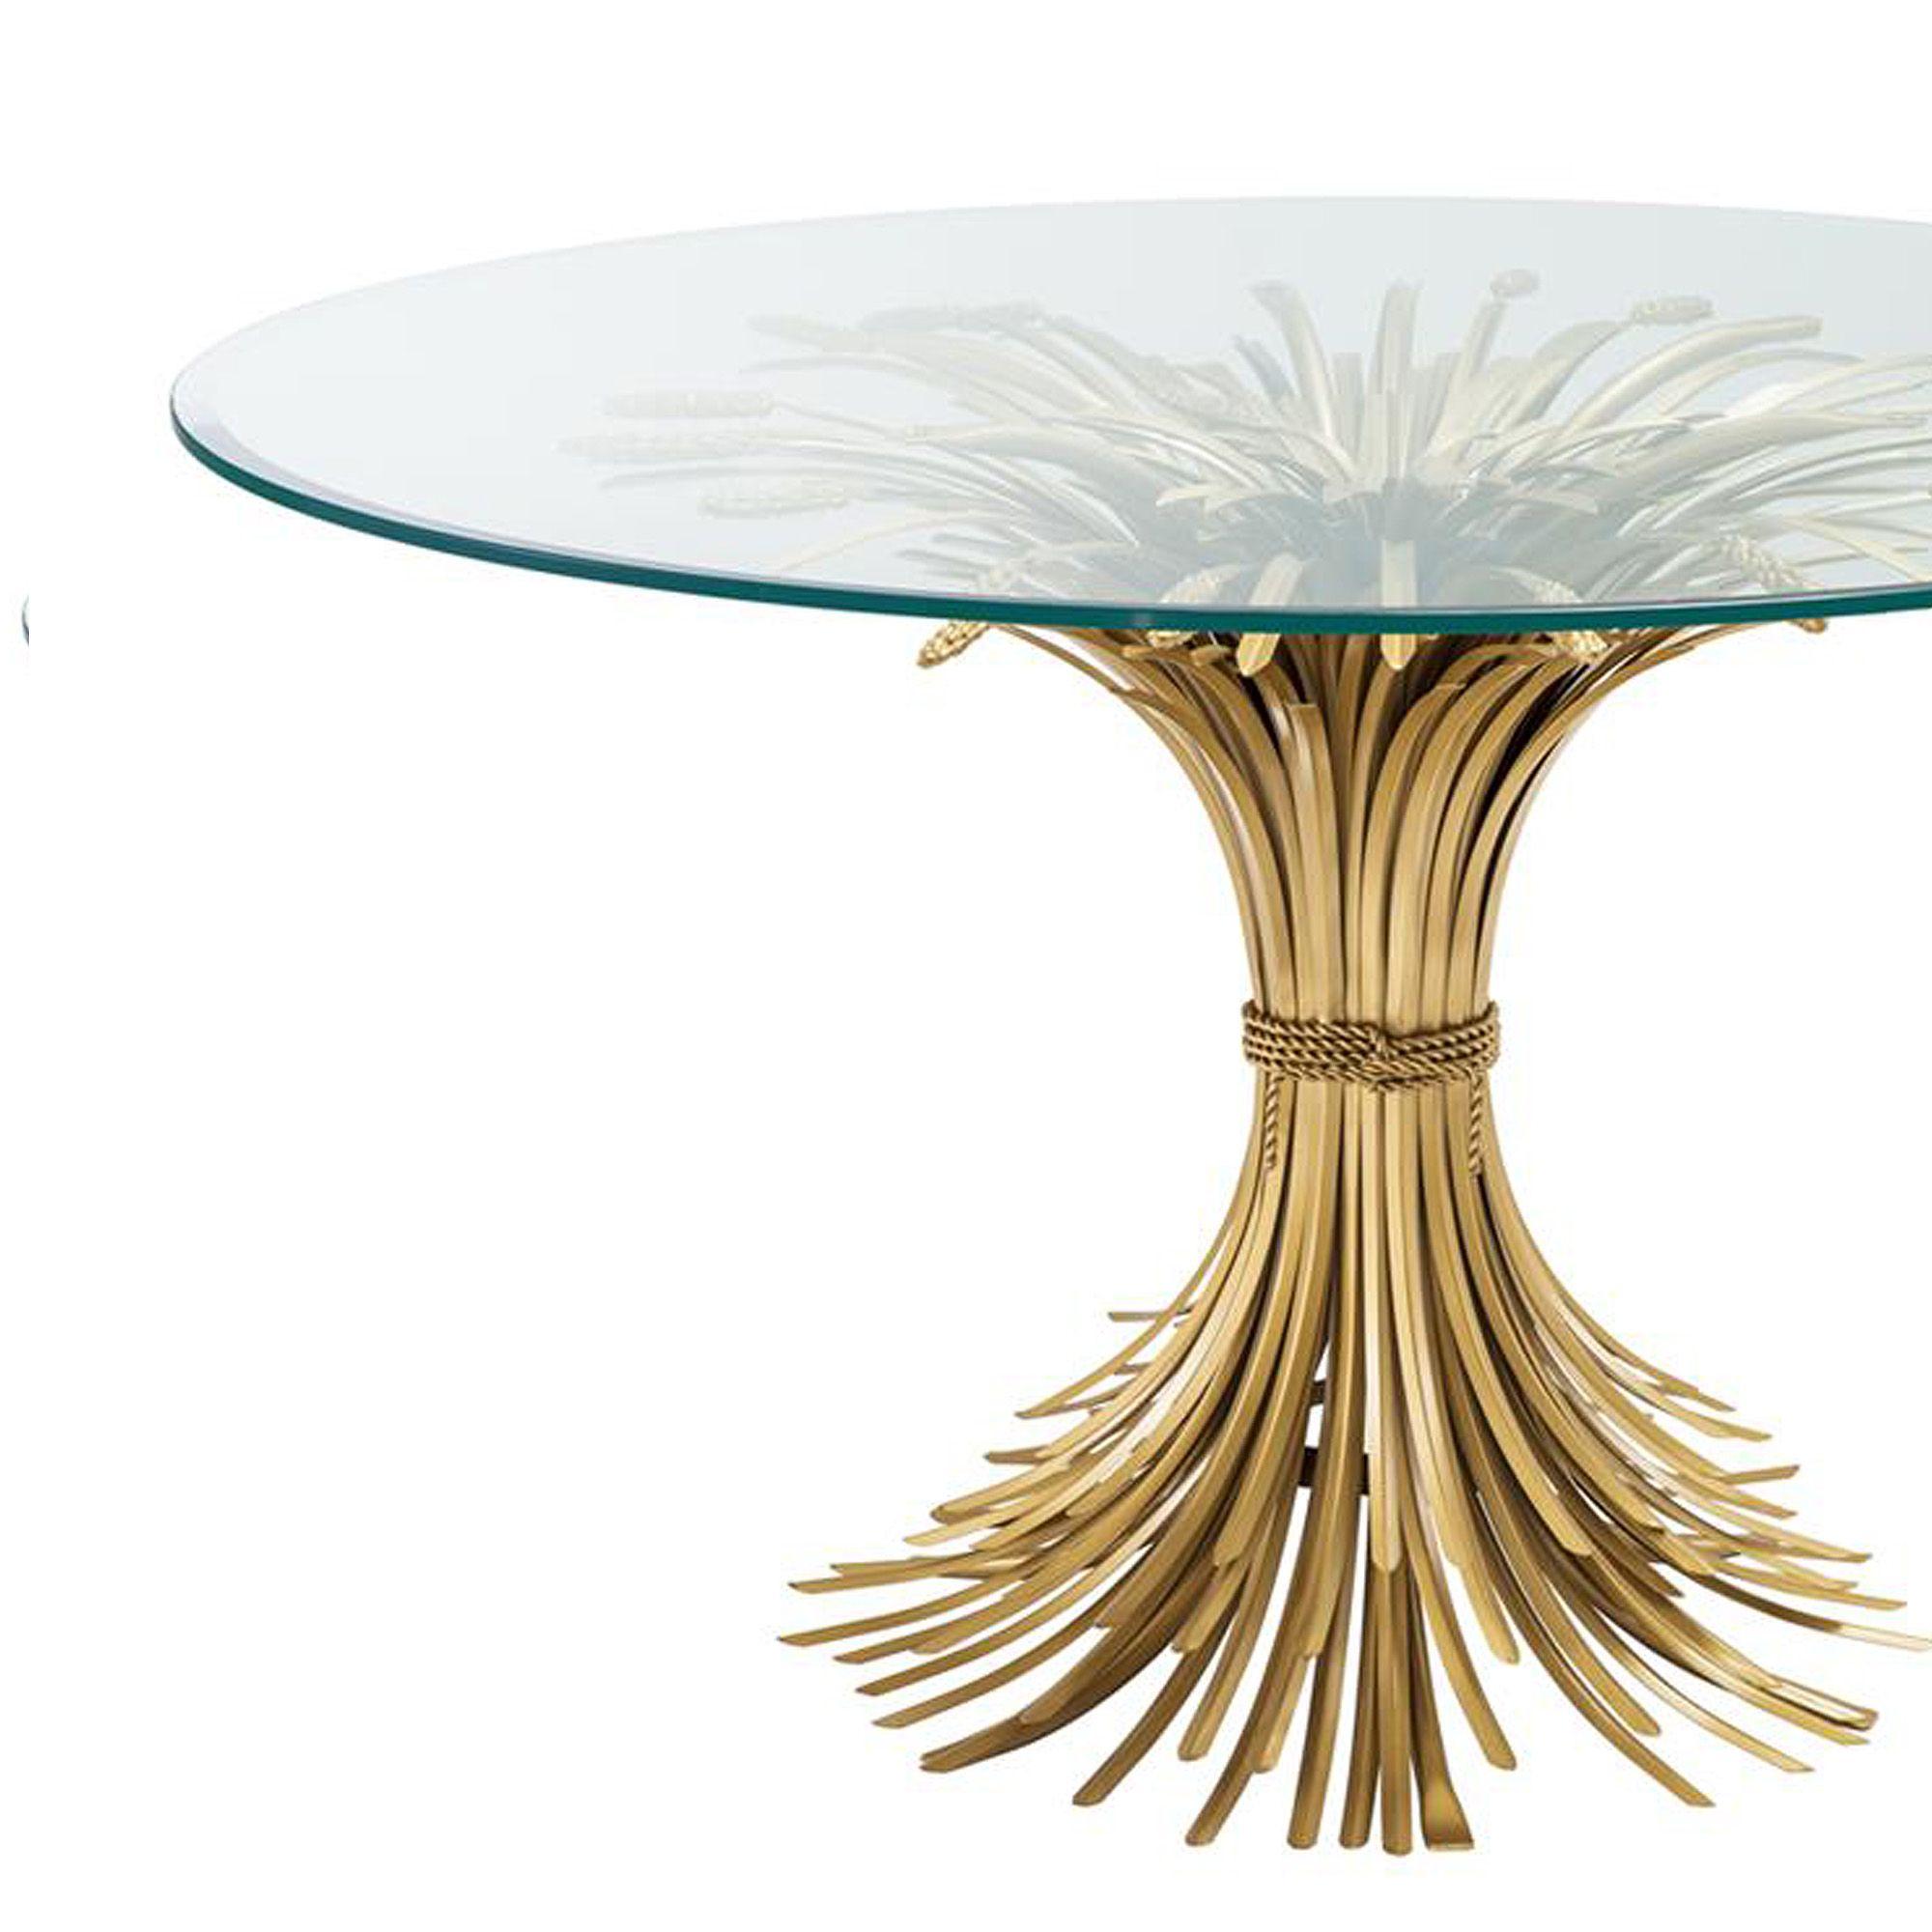 Halfronde Glazen Sidetable.Eichholtz Centre Table Bonheur O130 Cm Ronde Tafel 130cm